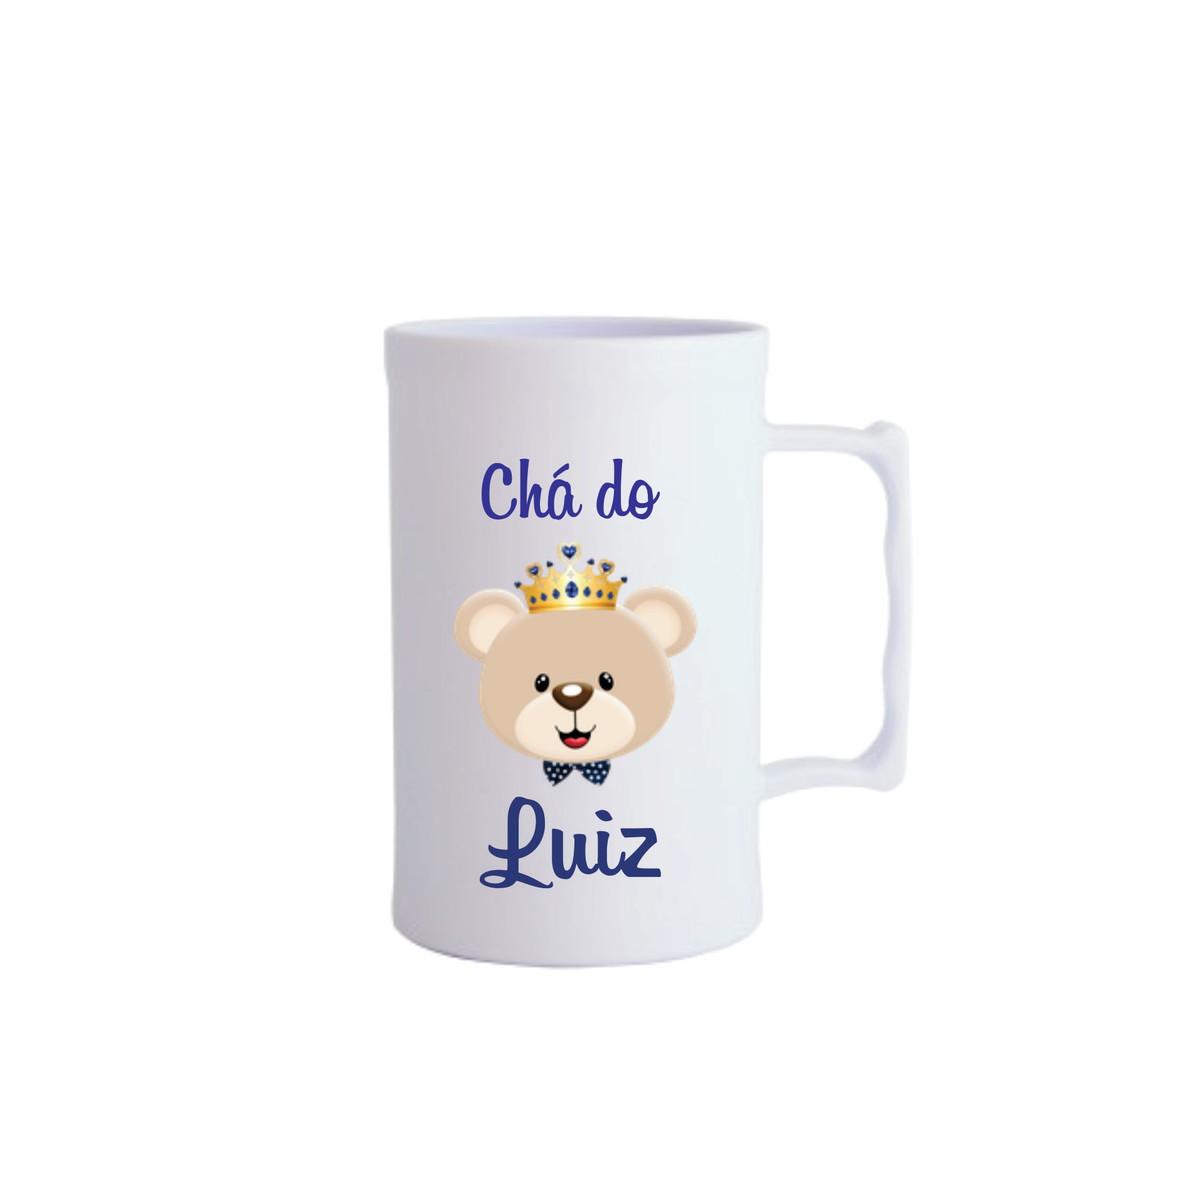 251a23f7d Ursinho Realeza Chá de bebe canecas Personalizado no Elo7